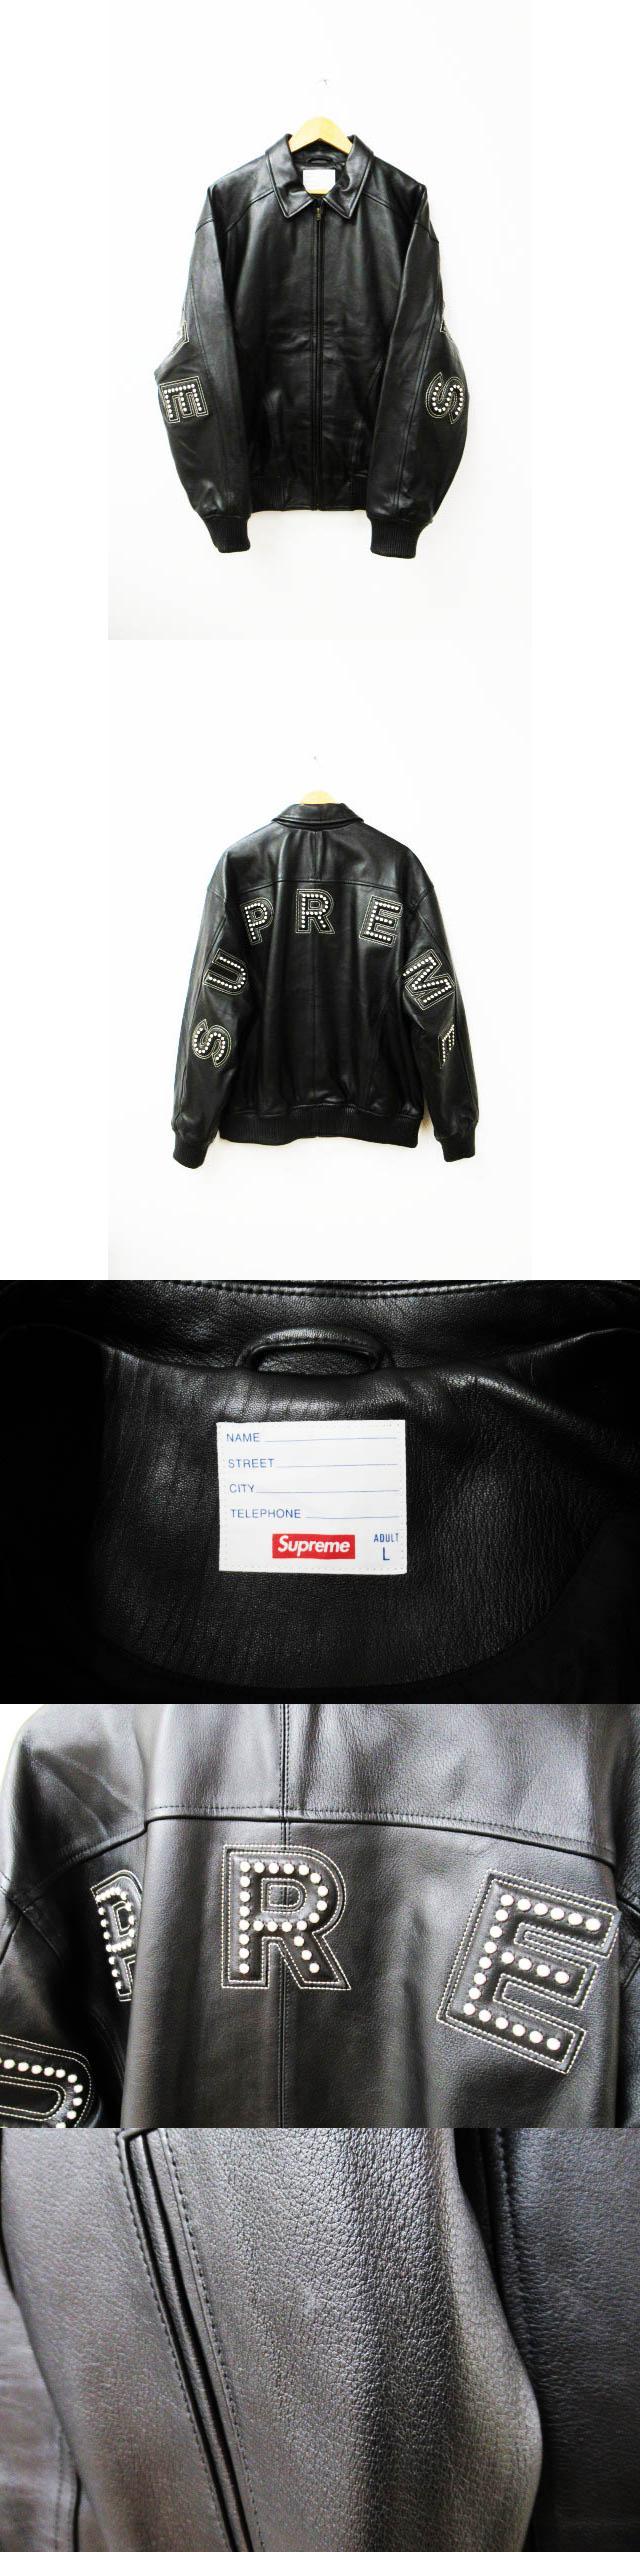 18ss Studded Arc Logo Leather Jacket アーチロゴ レザージャケット L ブラック ブランド古着ベクトル 中古☆AA★ 190224 0700